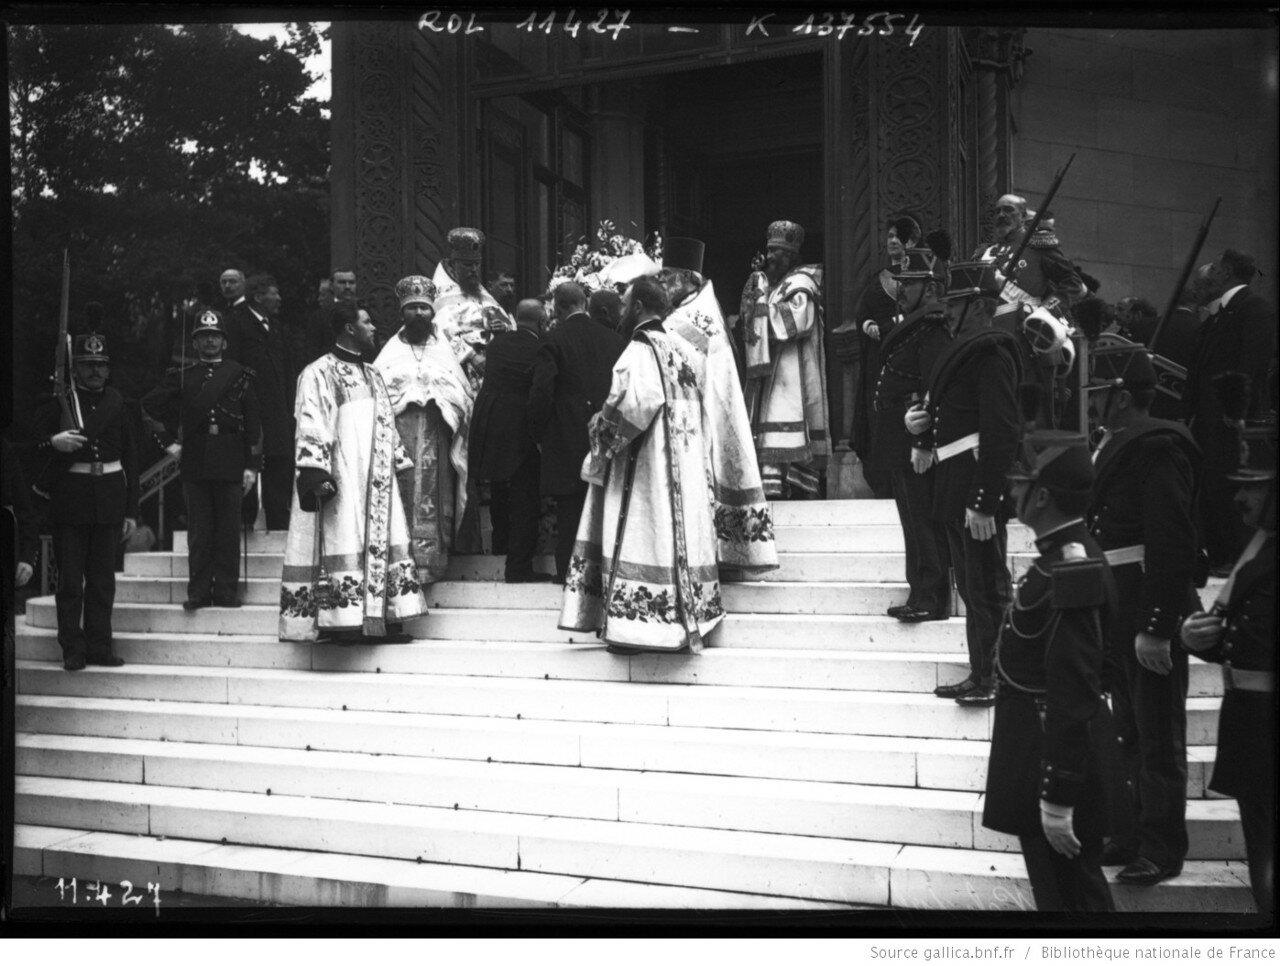 1910. 20 сентябрь 1910. Похороны Александра Ивановича Нелидова, посла России во Франции